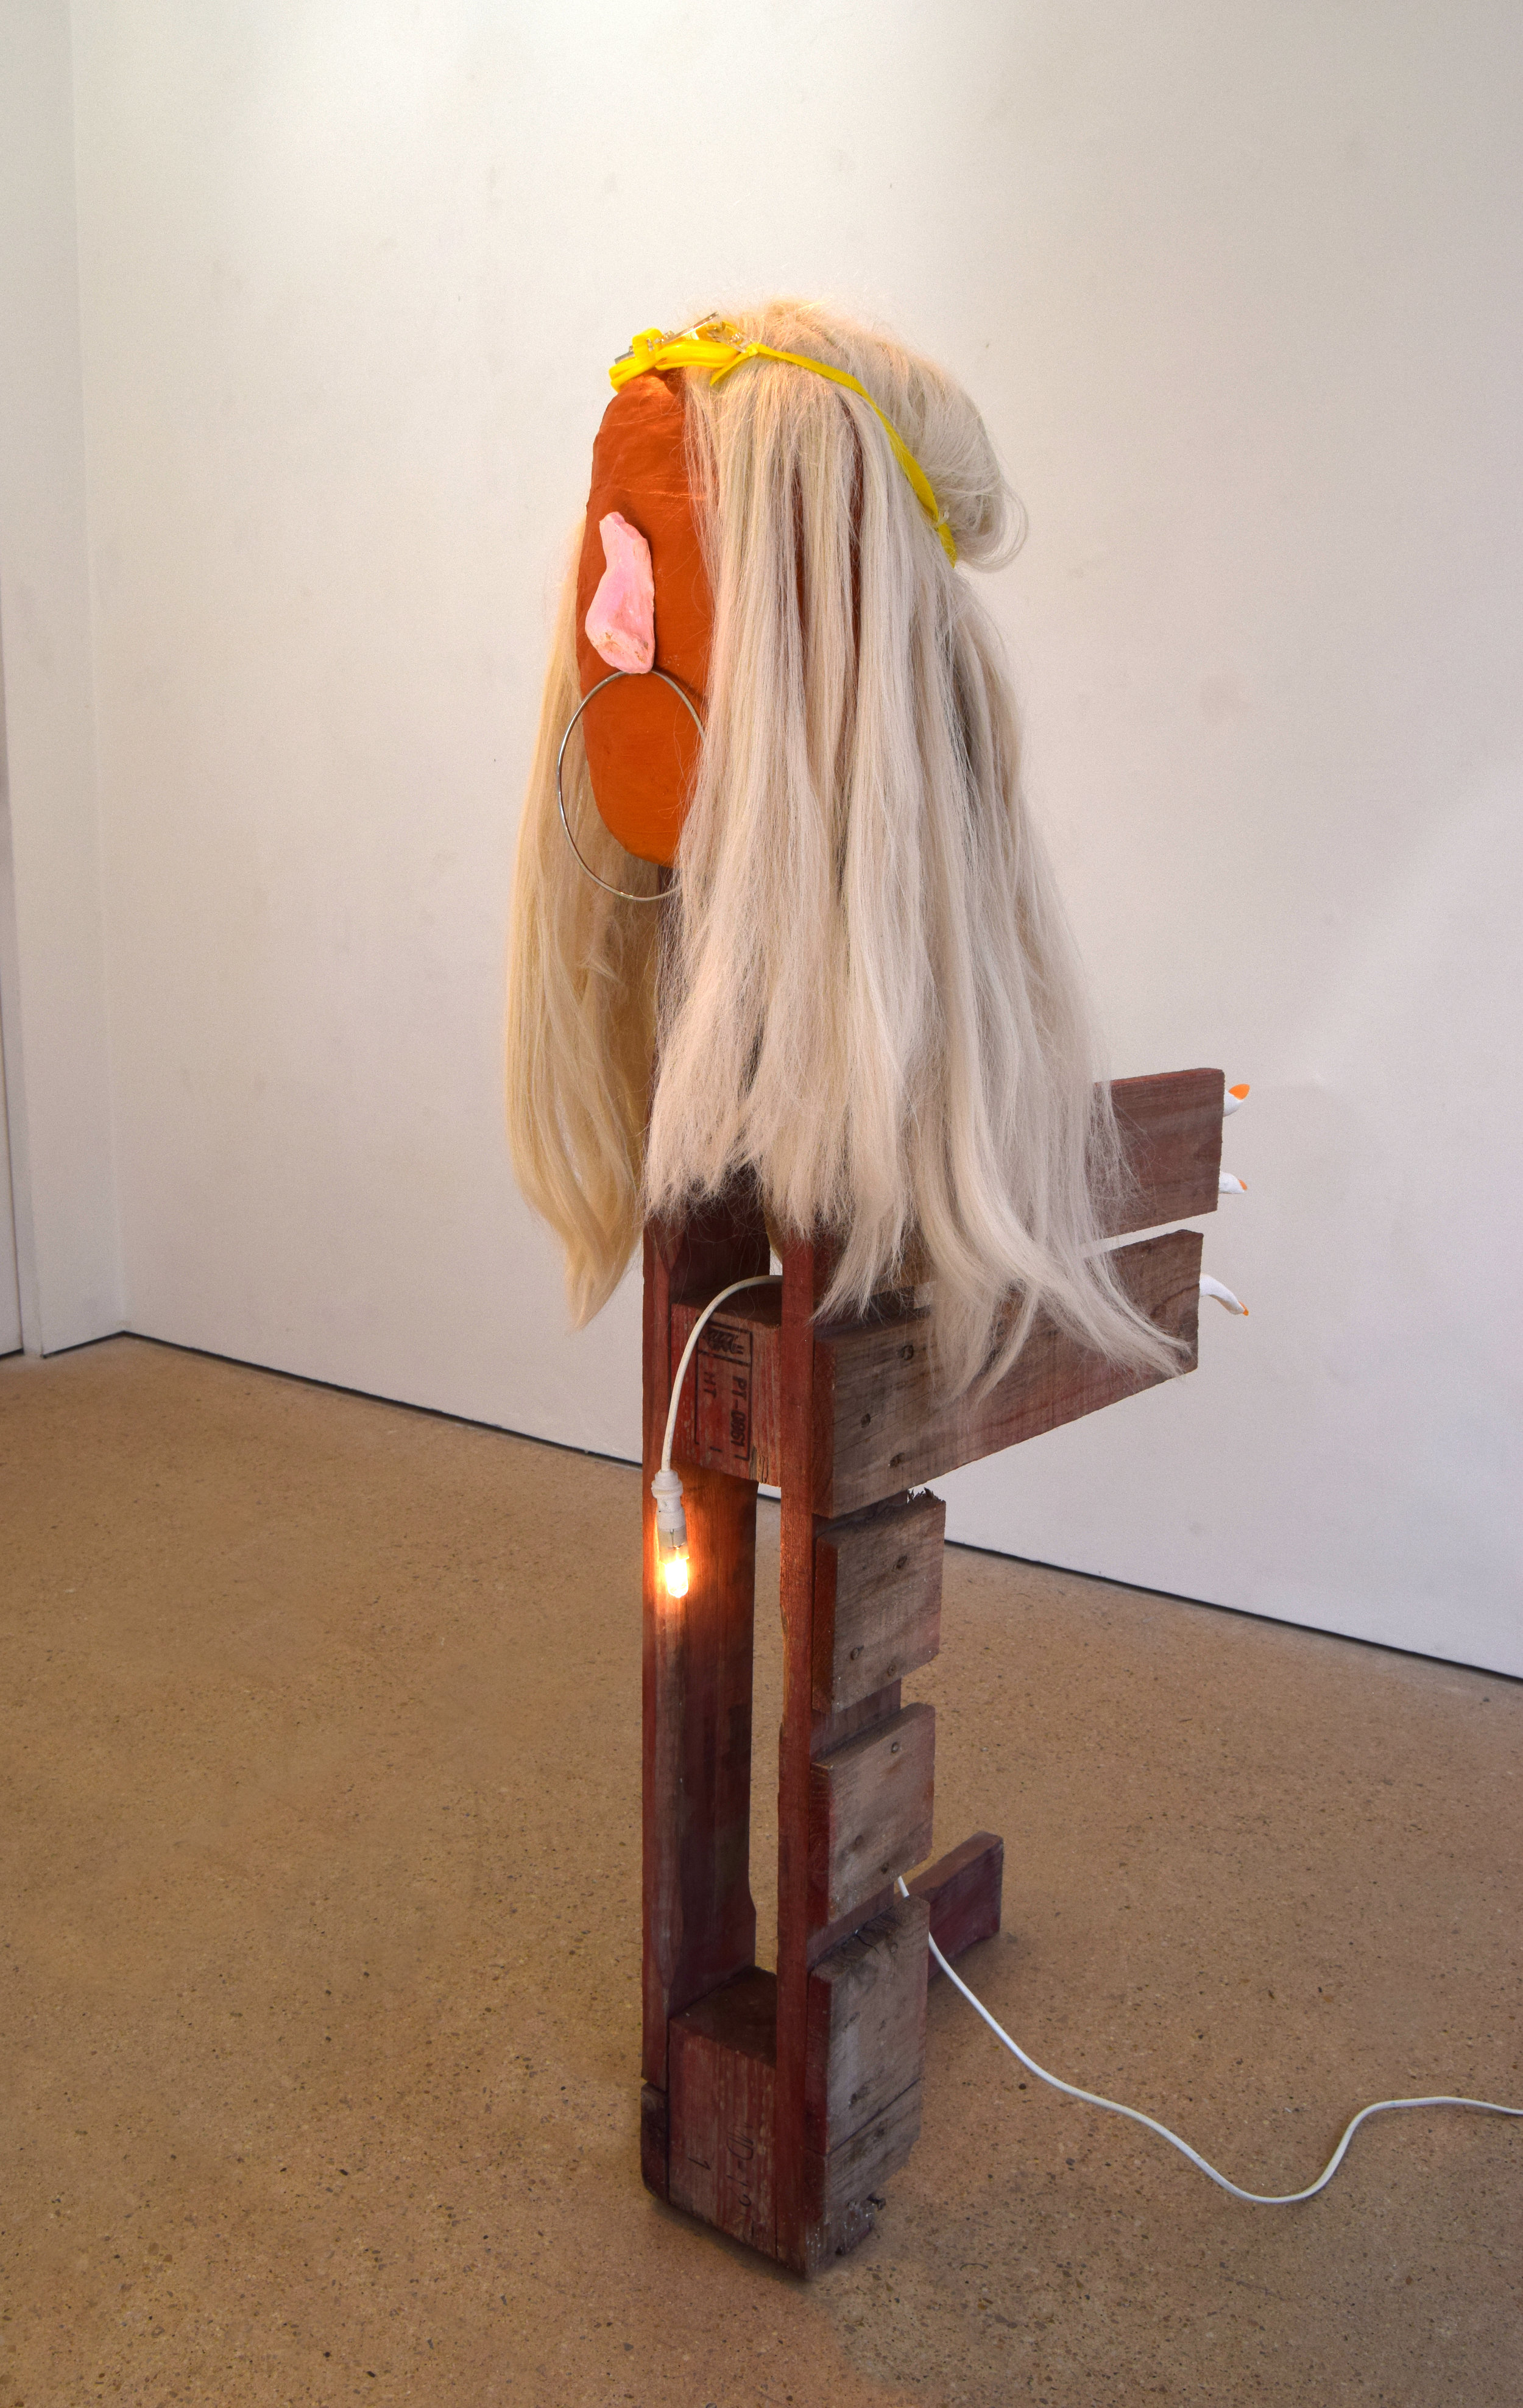 sean-heather-artist-sculpture-sva-art-artists-contemporaryart-contemporarysculpture.jpg